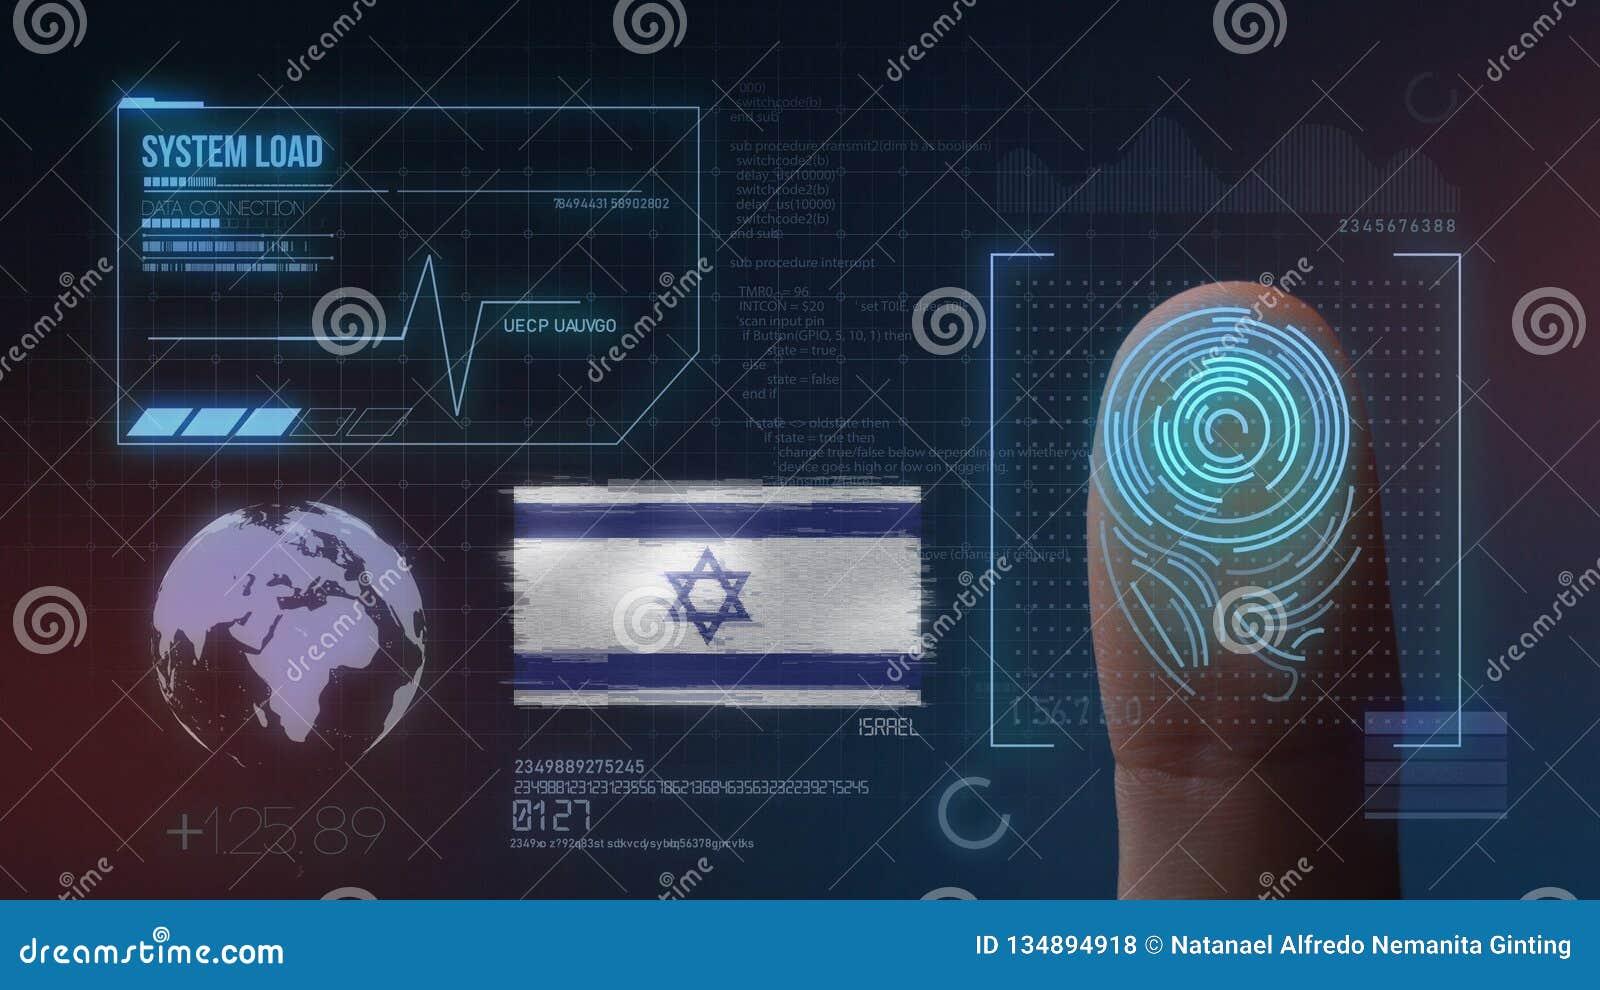 Sistema de identificação de varredura biométrico da impressão digital Israel Nationality